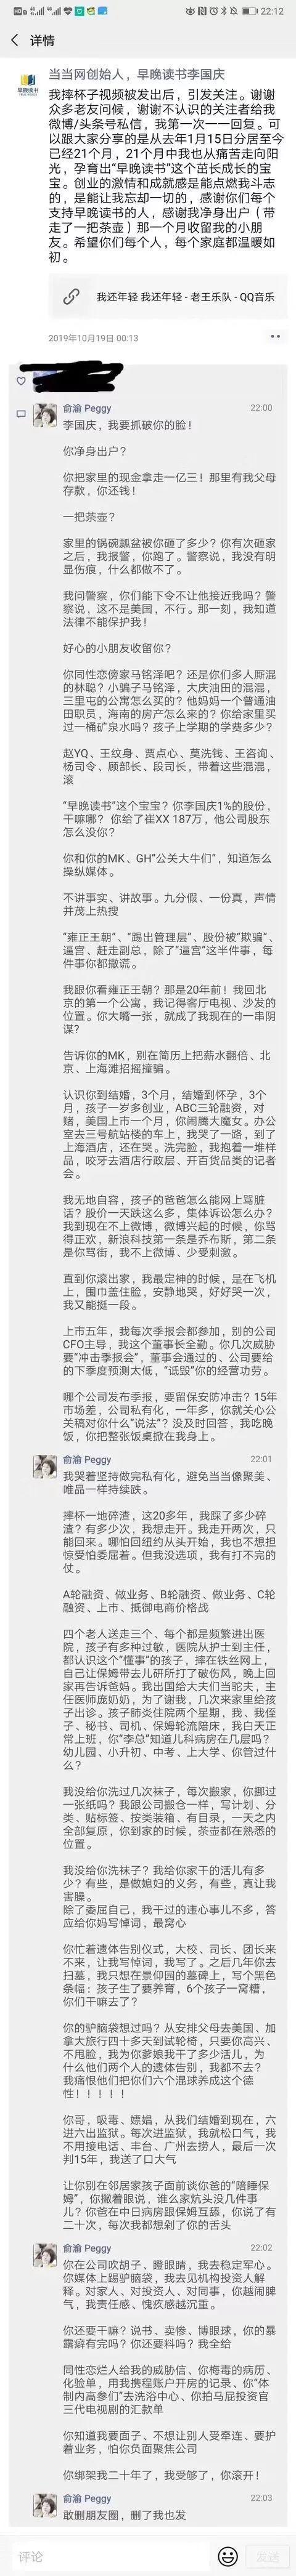 李国庆请求等分铛铛股权:拒绝接收俞渝的25%股权提议